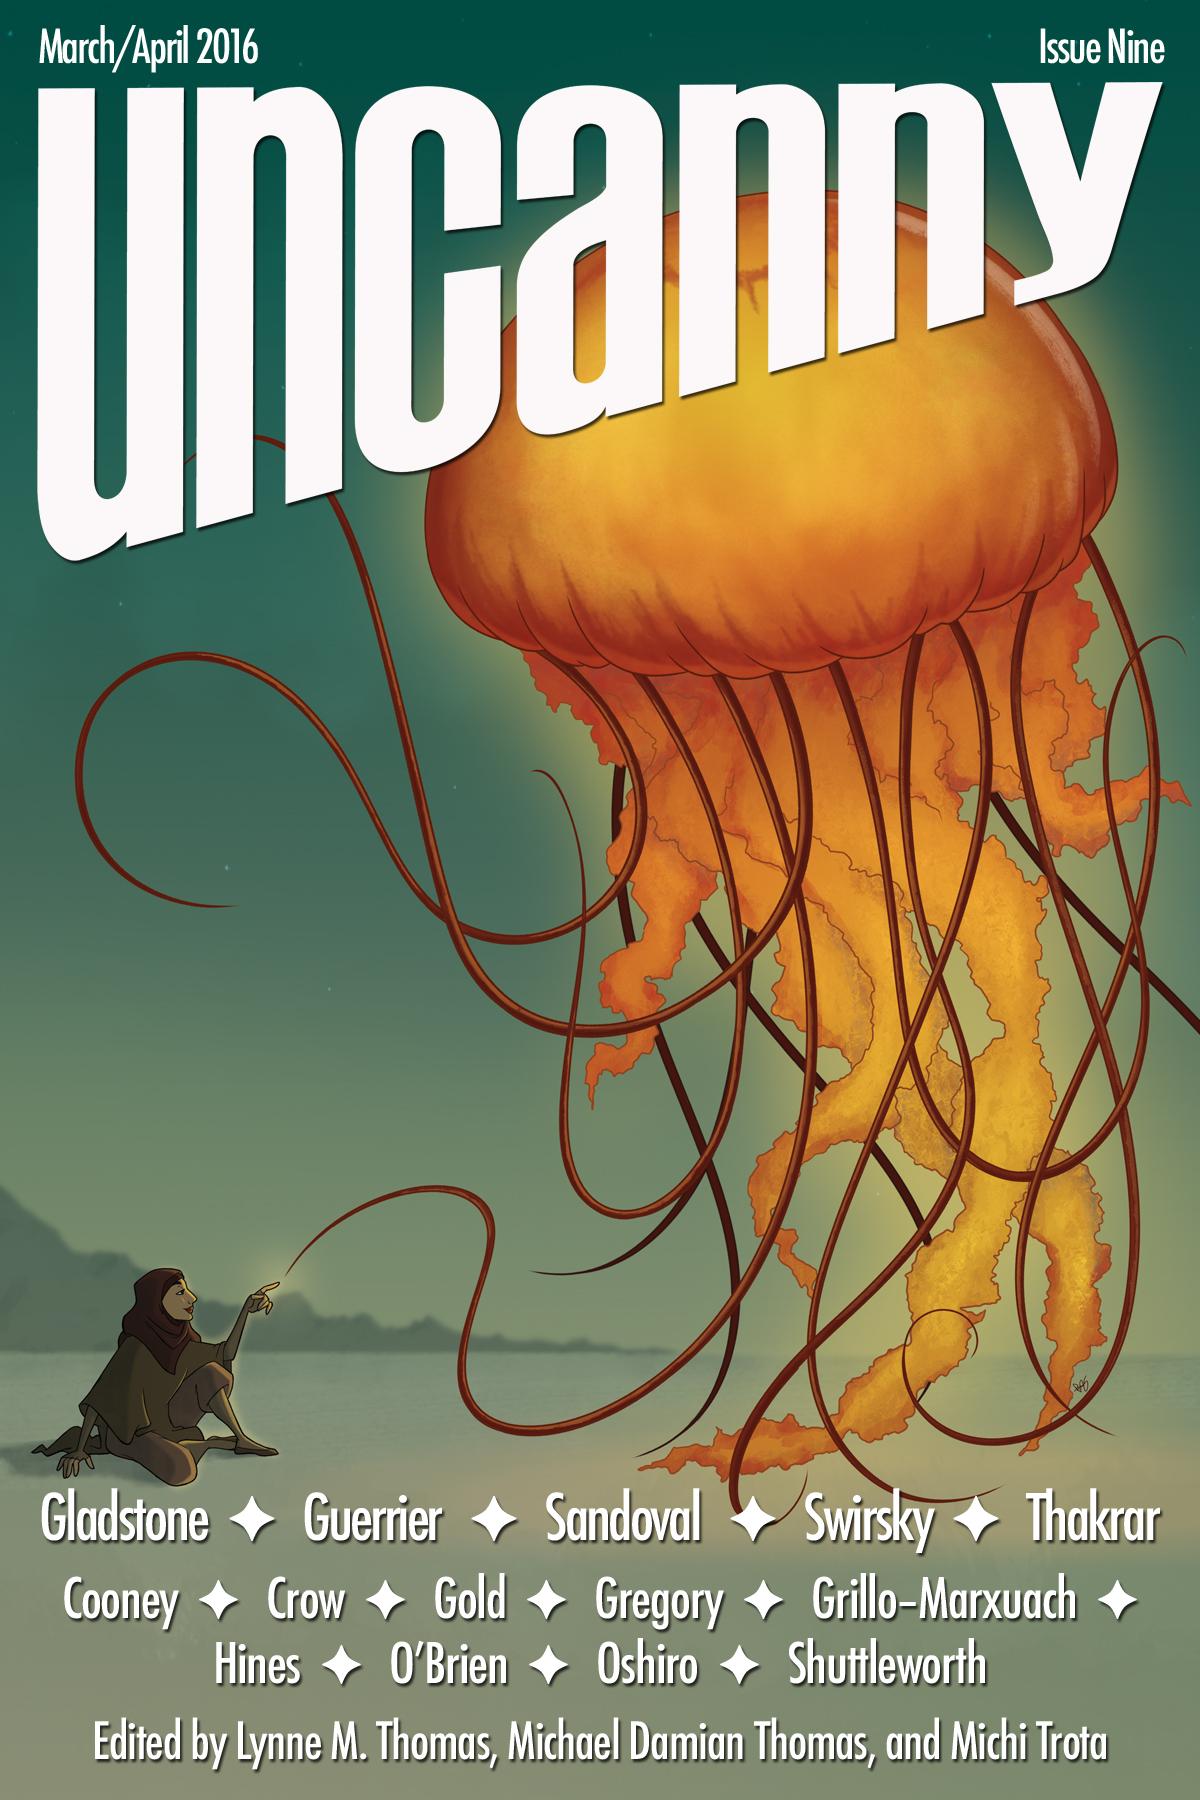 Uncanny Magazine Issue Nine cover